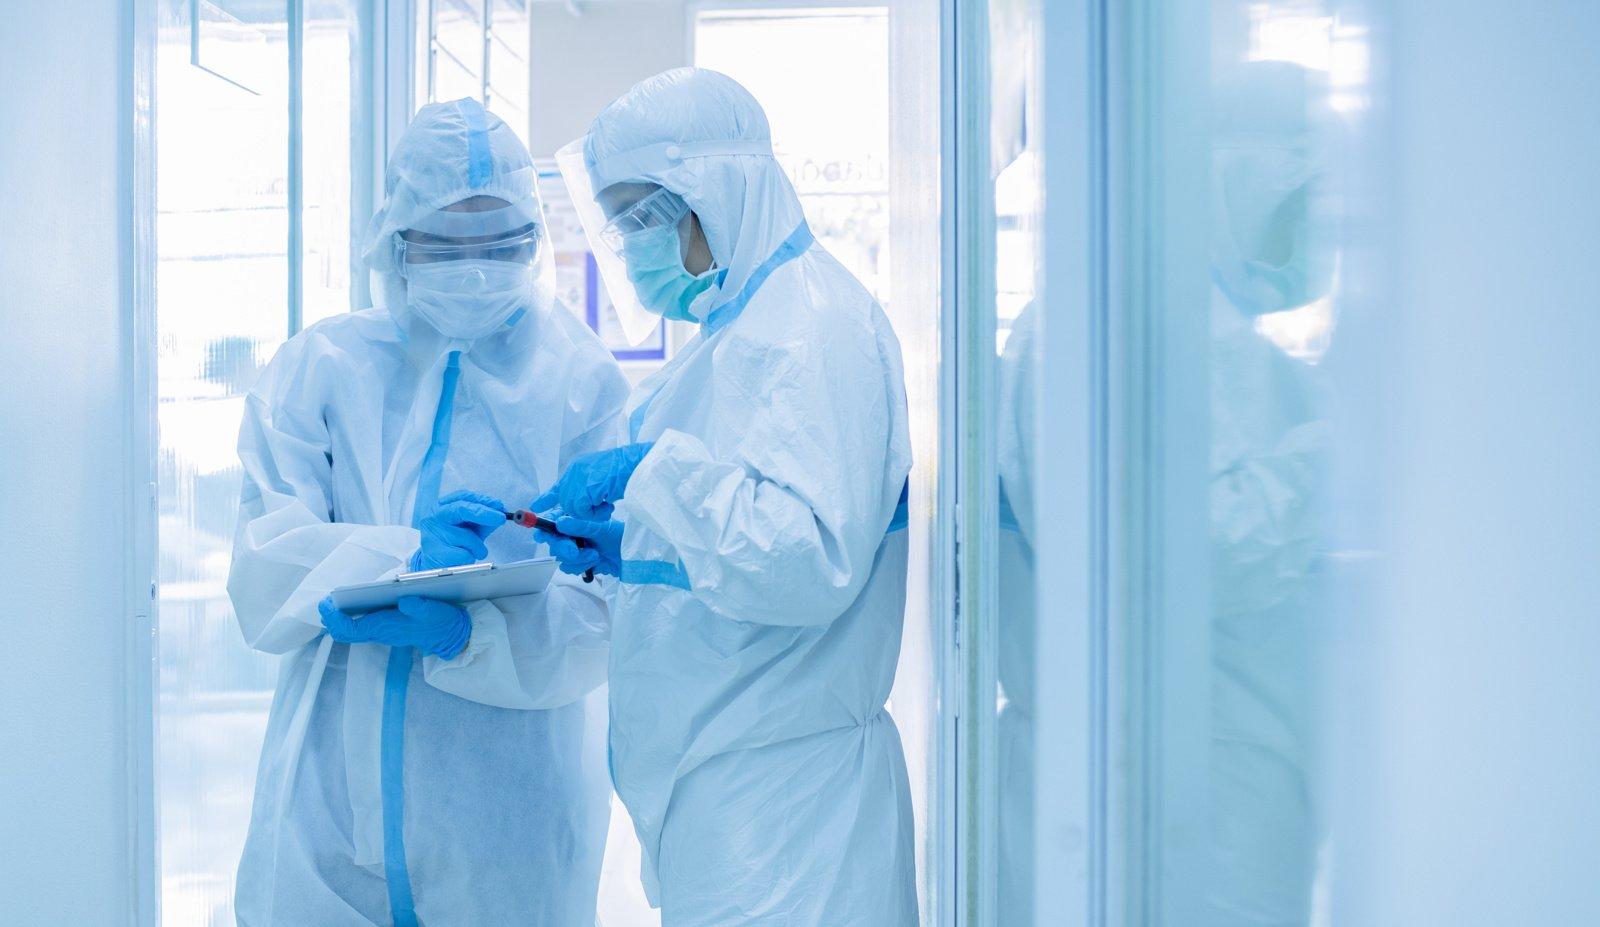 SAM pataria, kokiais dokumentais darbuotojas turi įrodyti darbdaviui, kad yra pasveikęs nuo koronaviruso